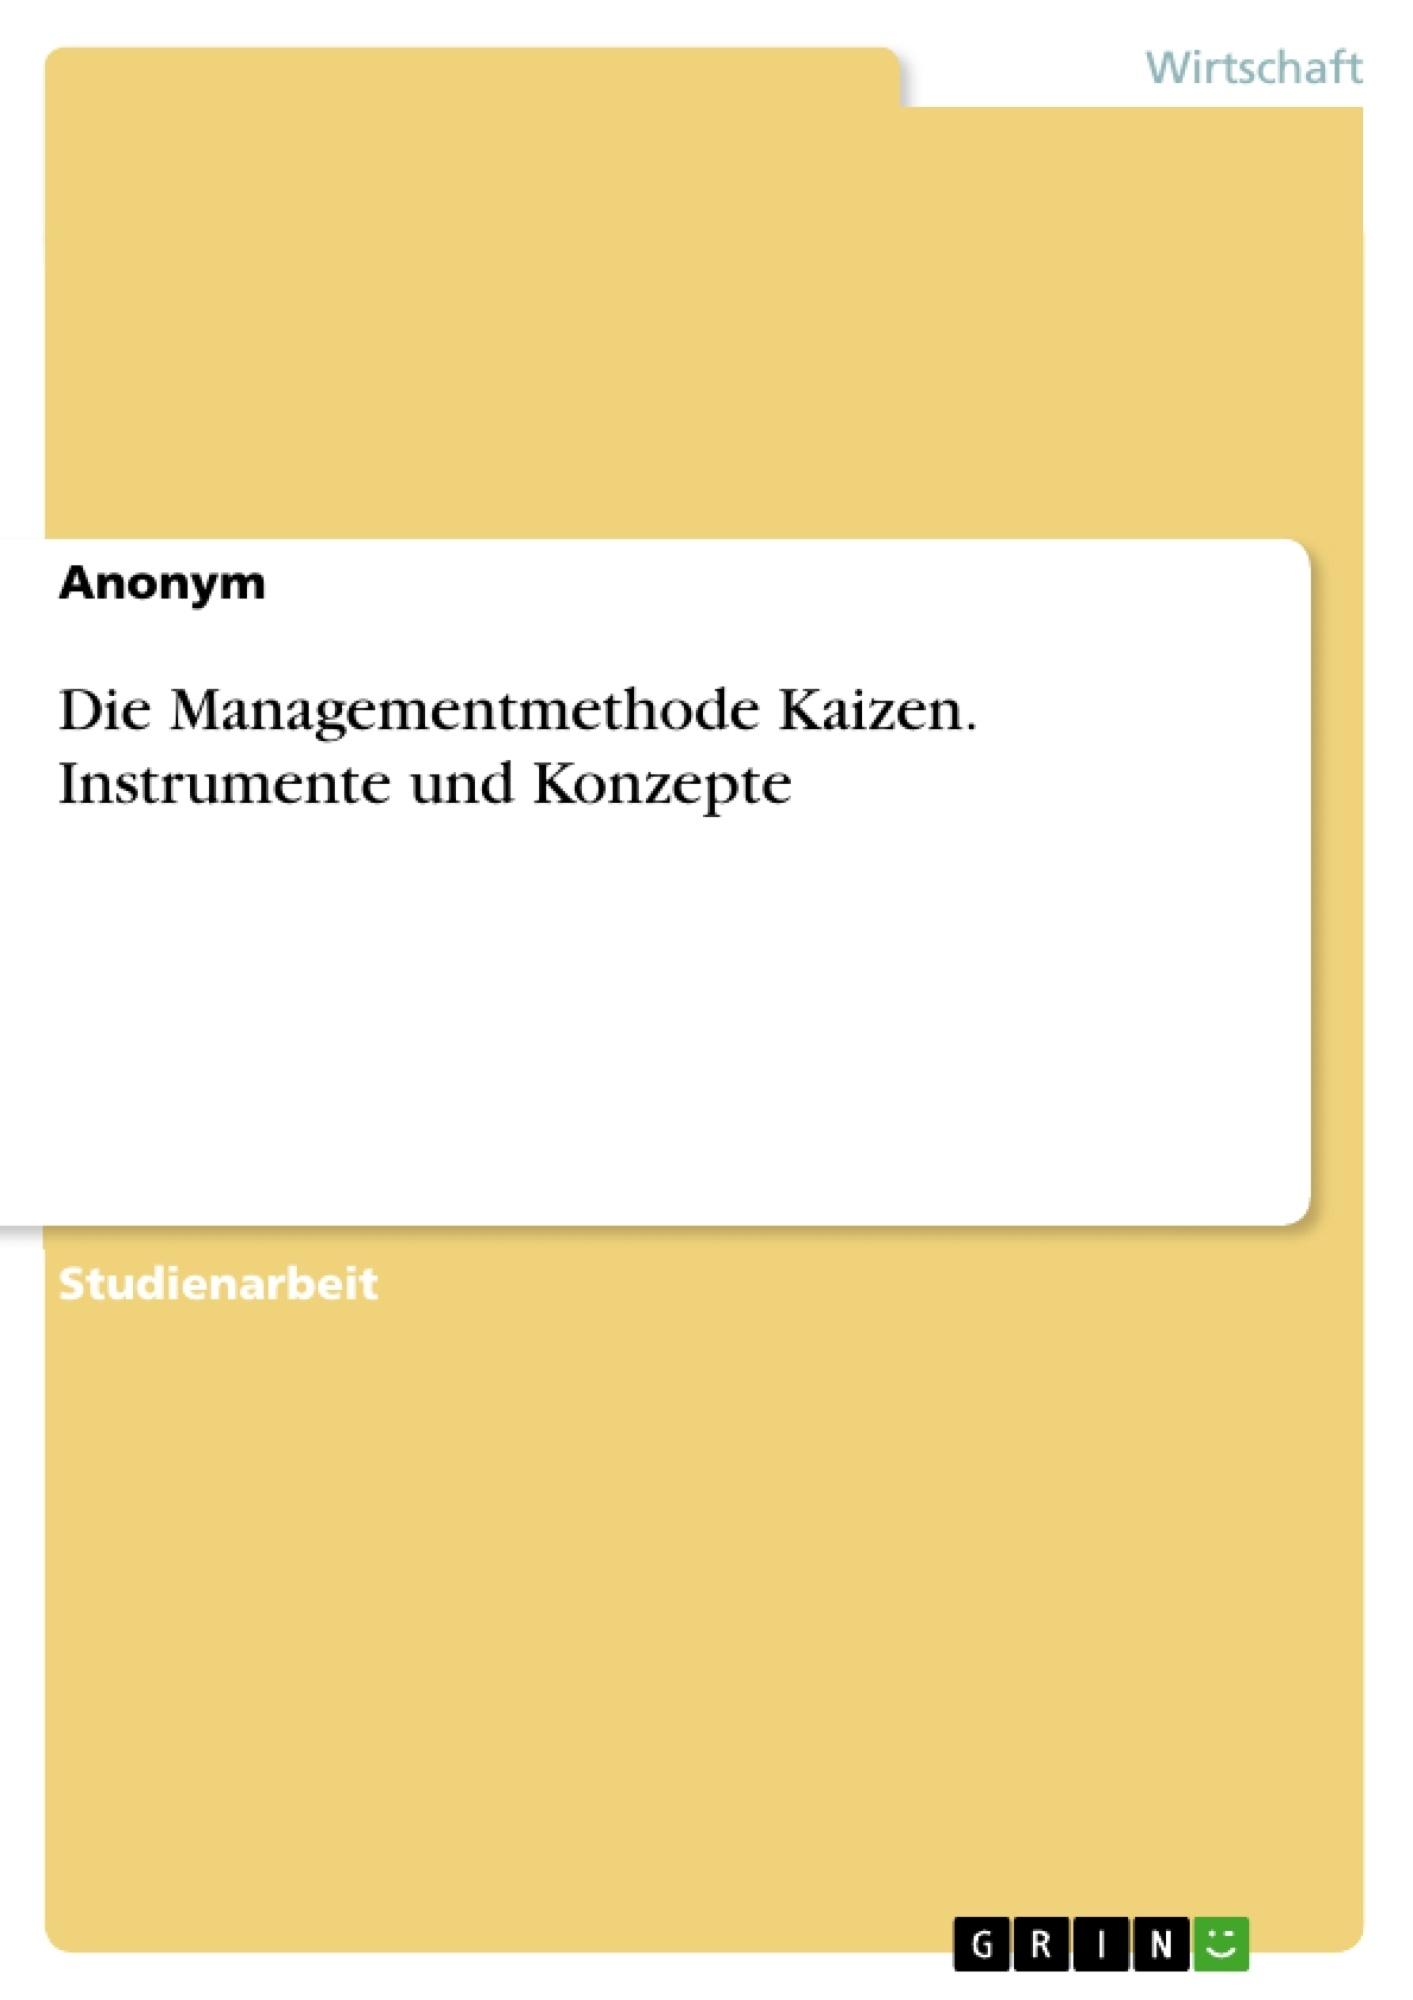 Titel: Die Managementmethode Kaizen. Instrumente und Konzepte